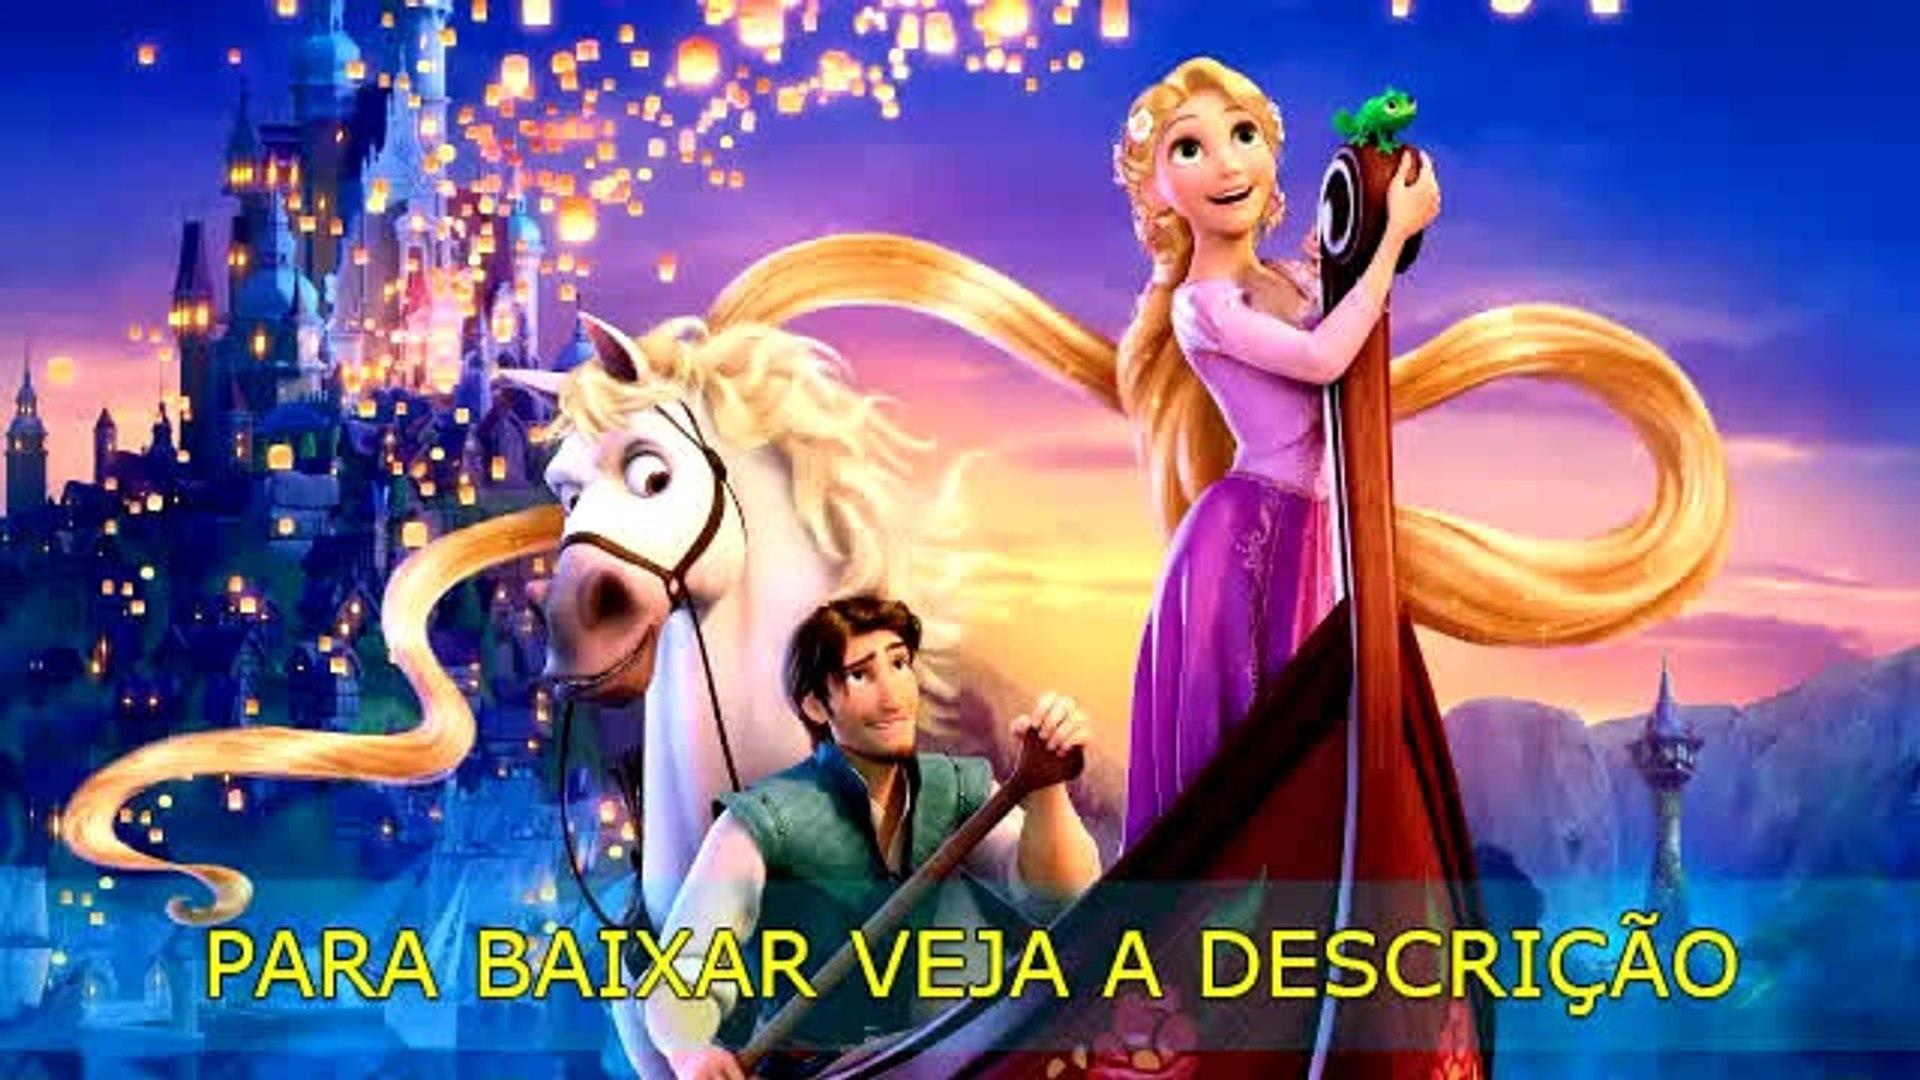 BAIXAR GRATIS RMVB FILME ENROLADOS DUBLADO